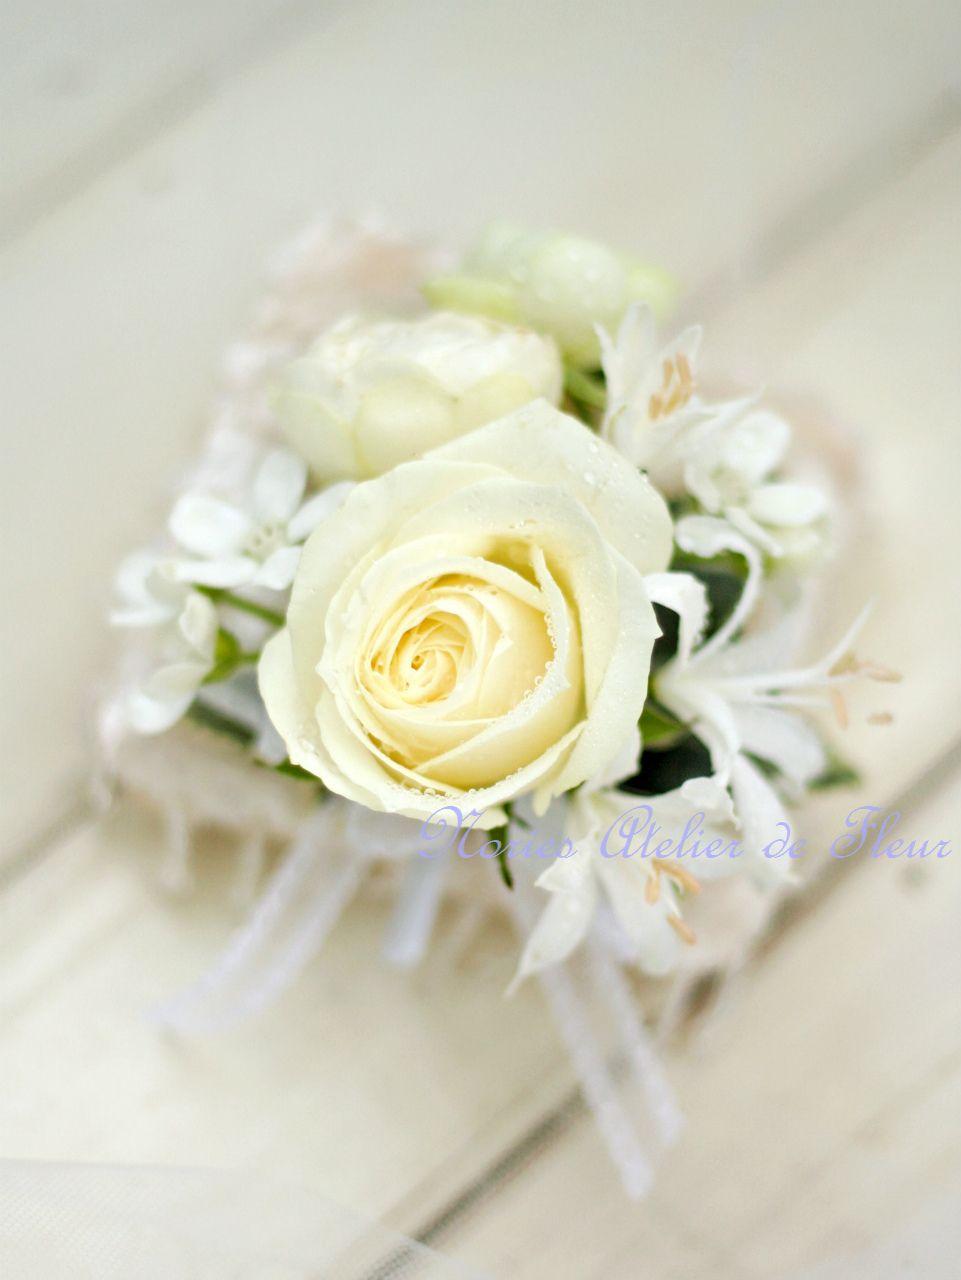 オフホワイトのバラのキャスケードブーケ 新郎様のブトニア